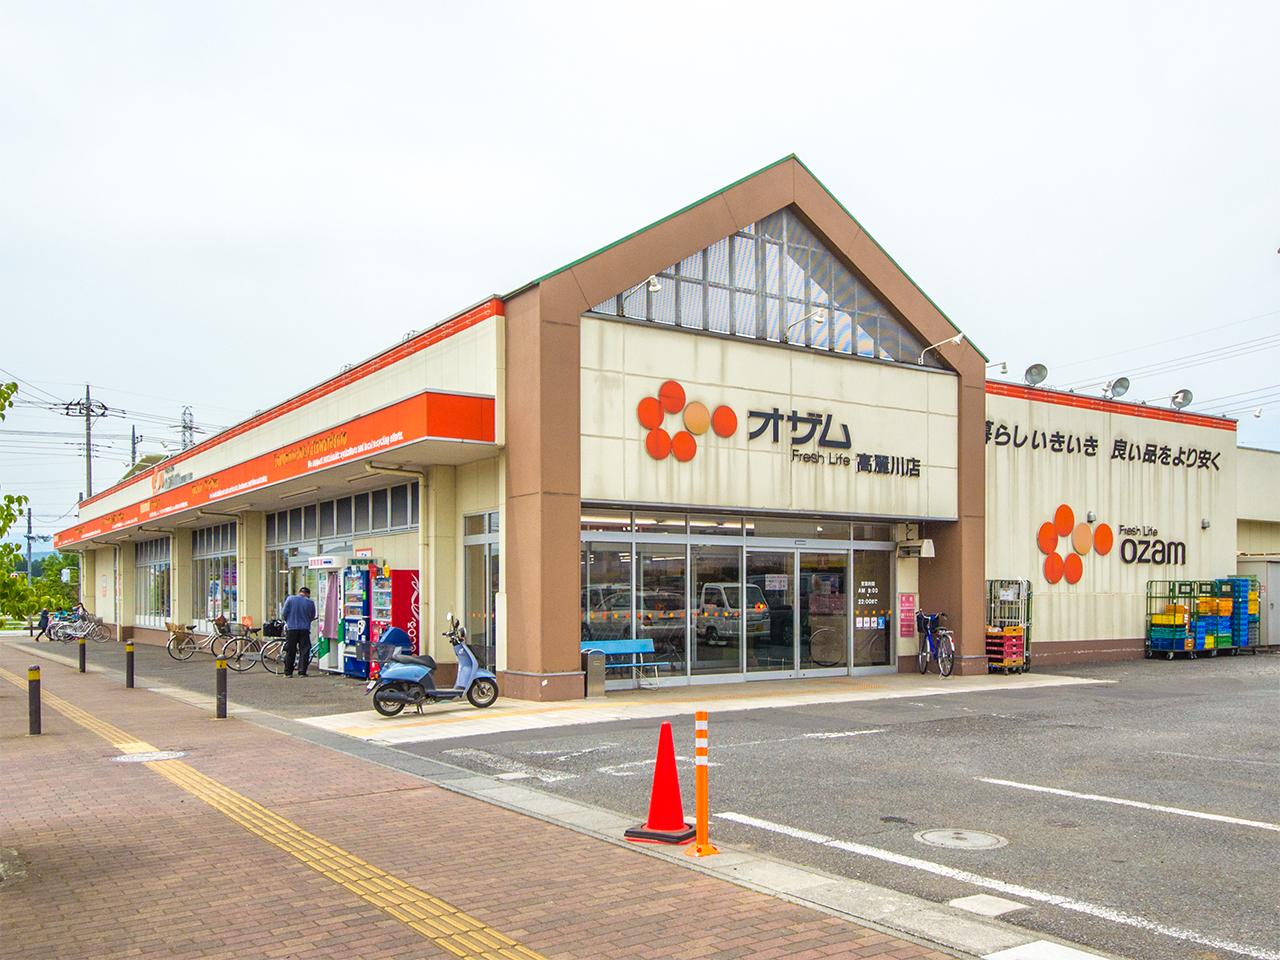 オザム 高麗川店